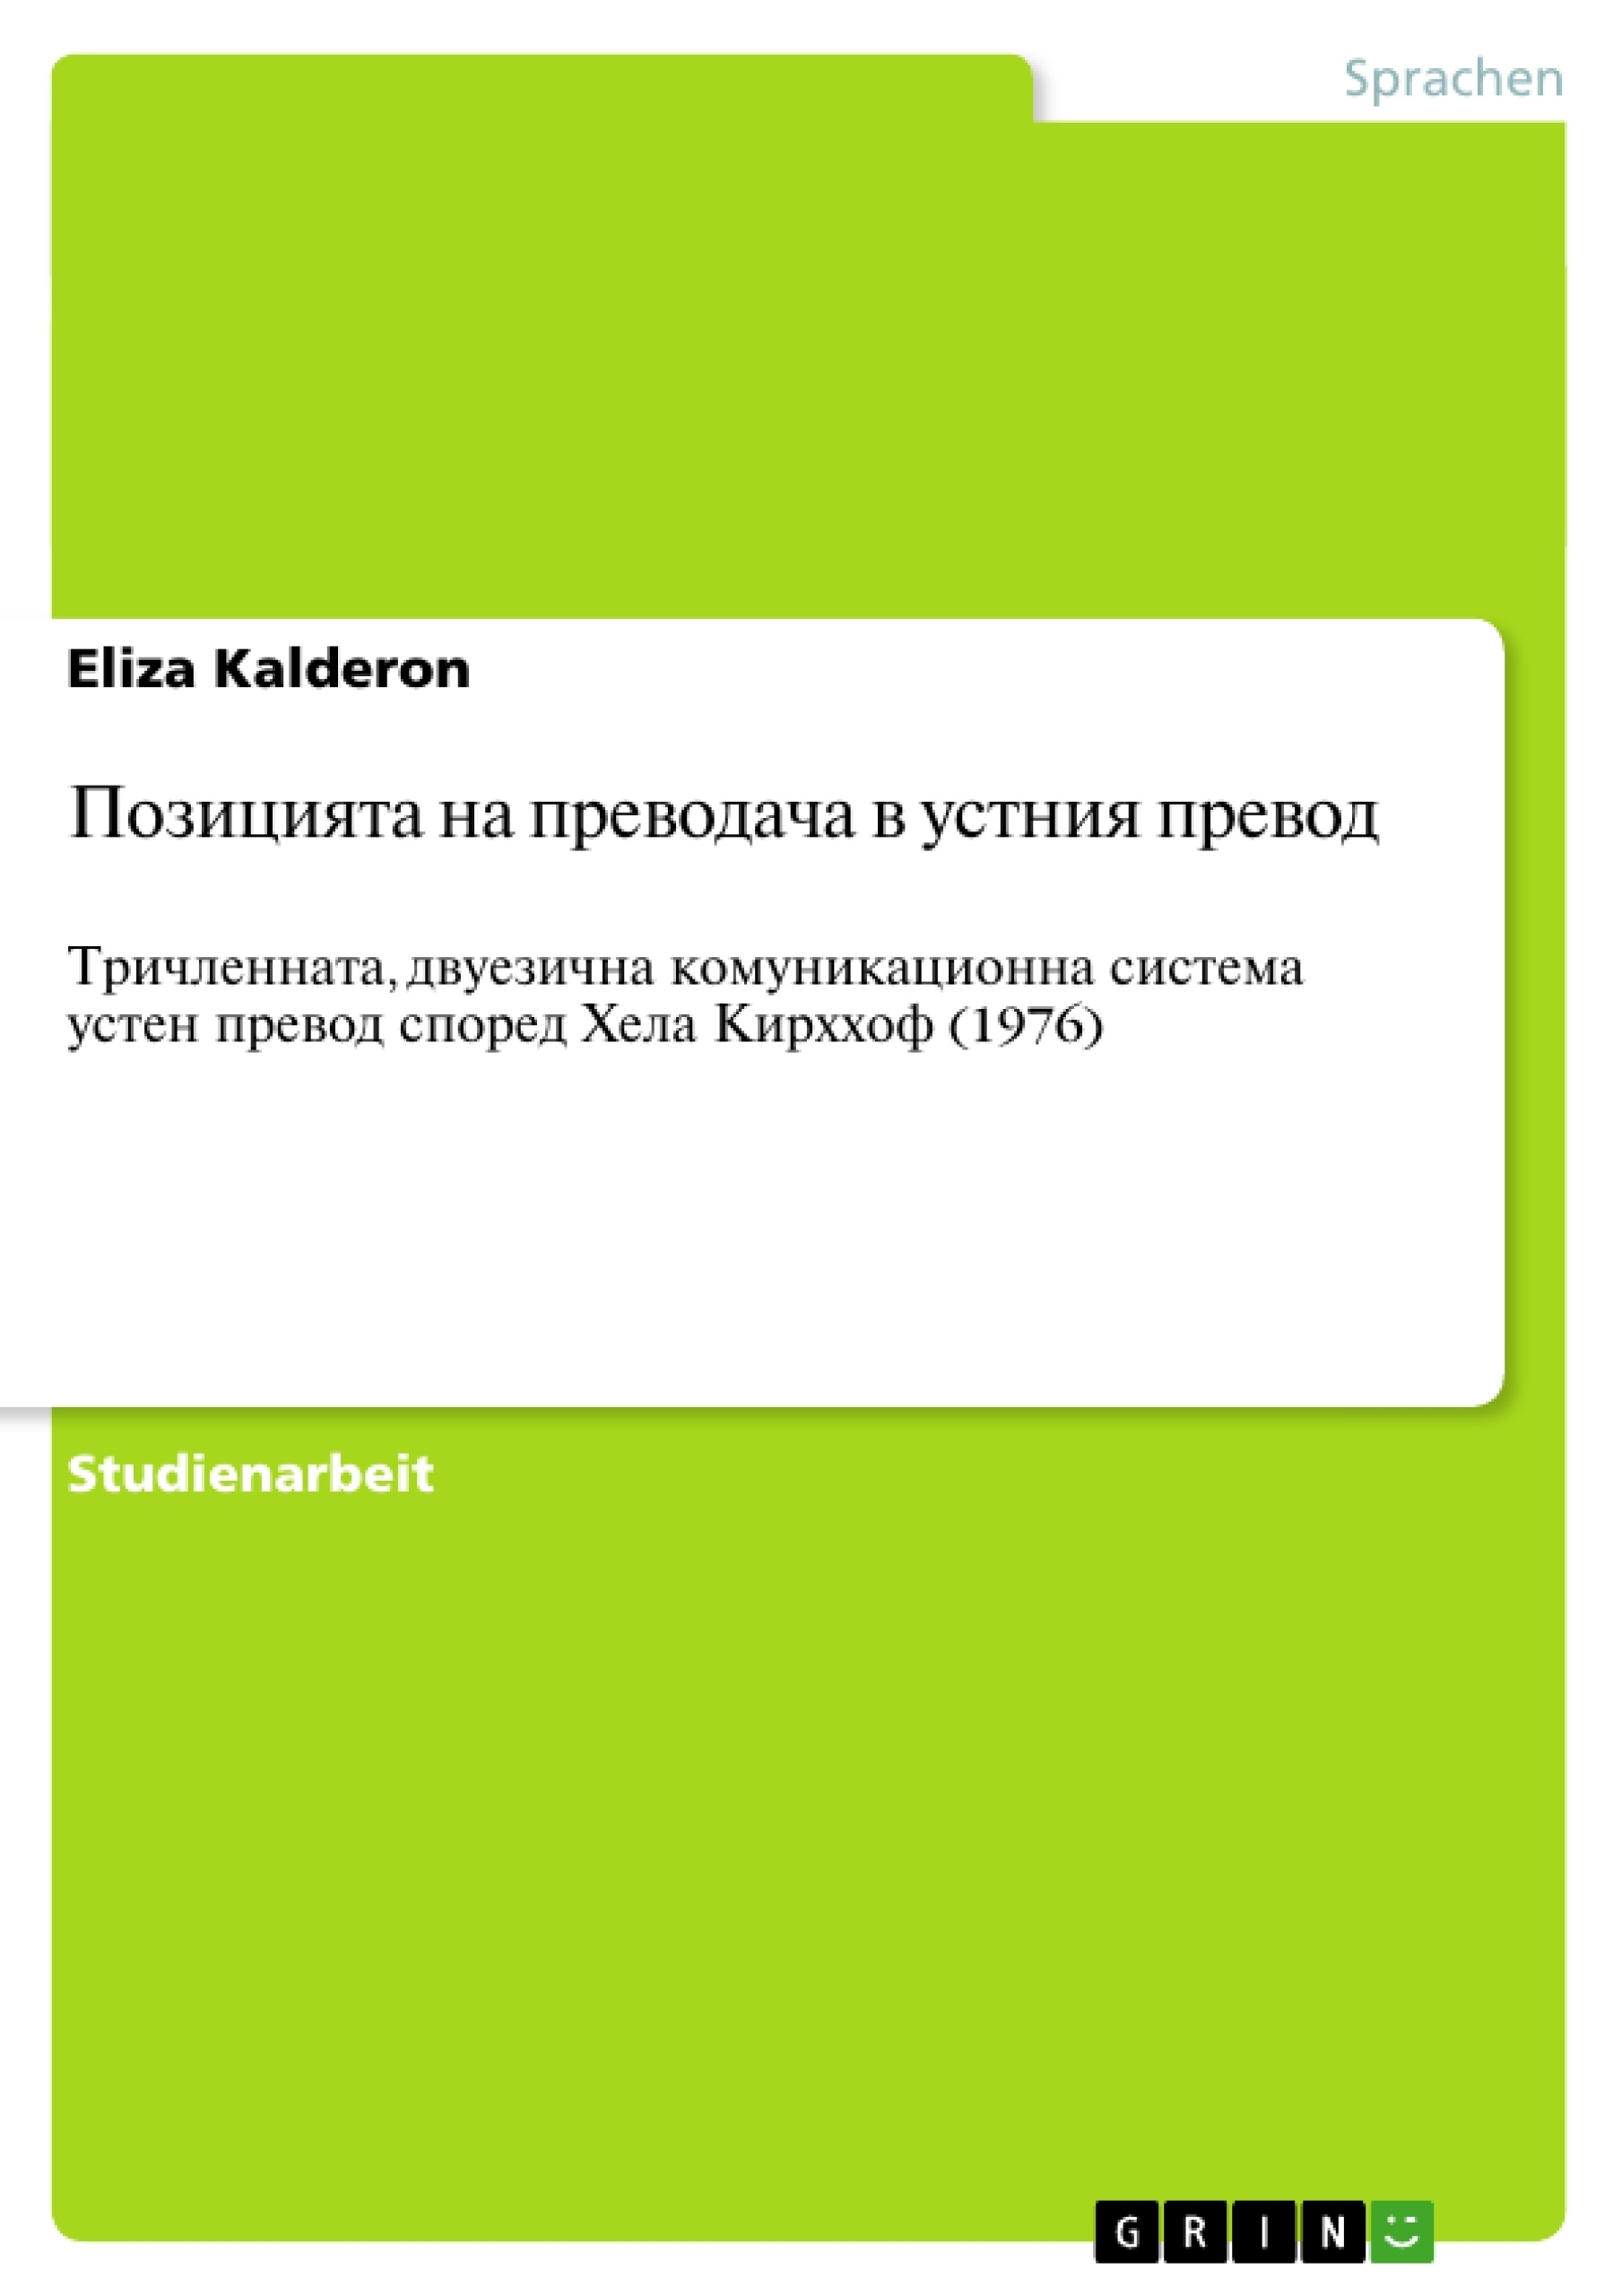 Titel: Позицията на преводача в устния превод